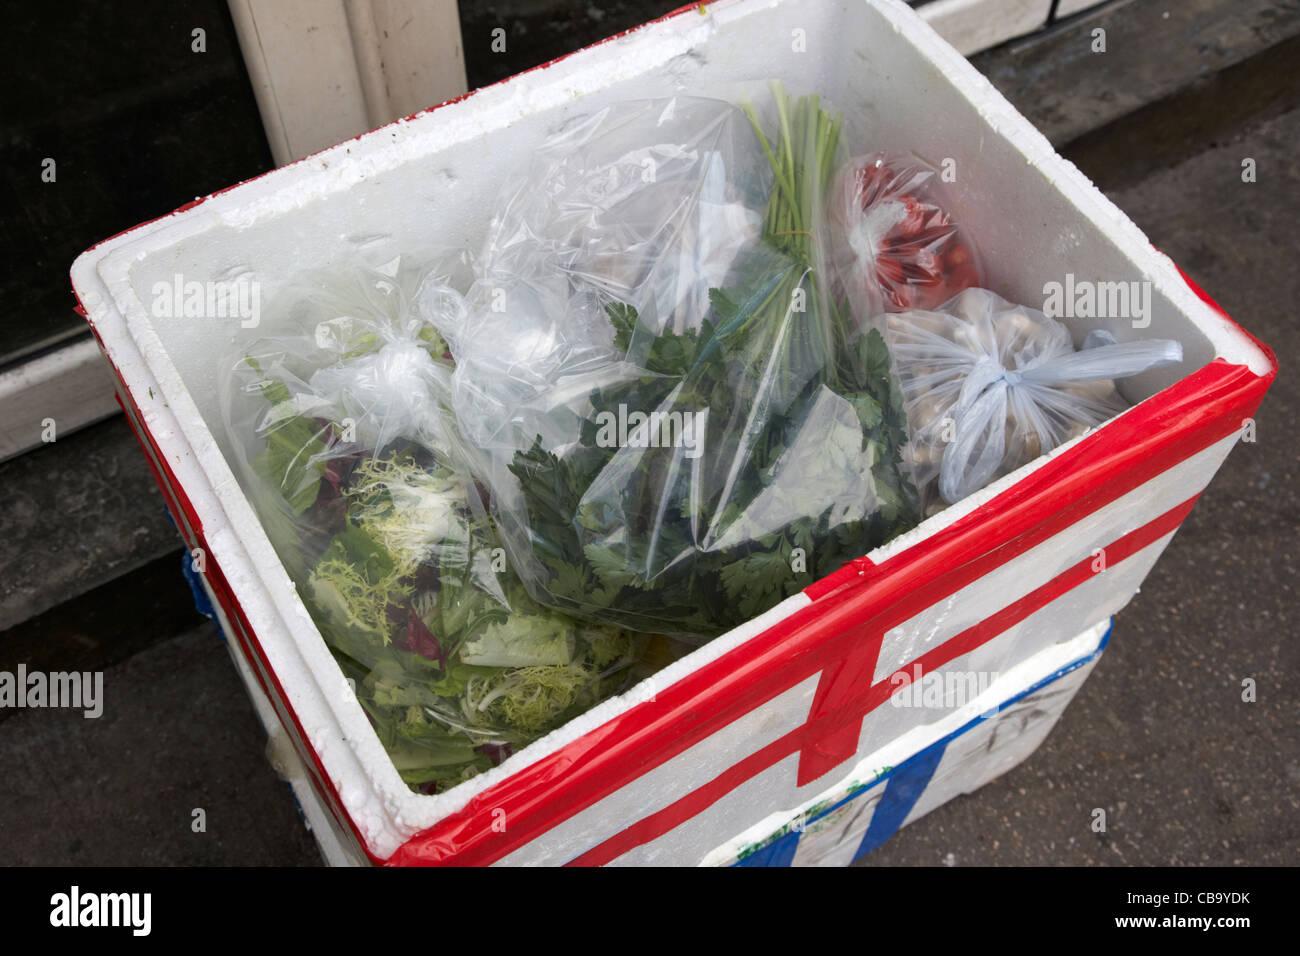 Lieferung von frischen Kräutern und Gemüse in einer Styropor isolierten Kiste Hongkong Sonderverwaltungsregion Stockbild